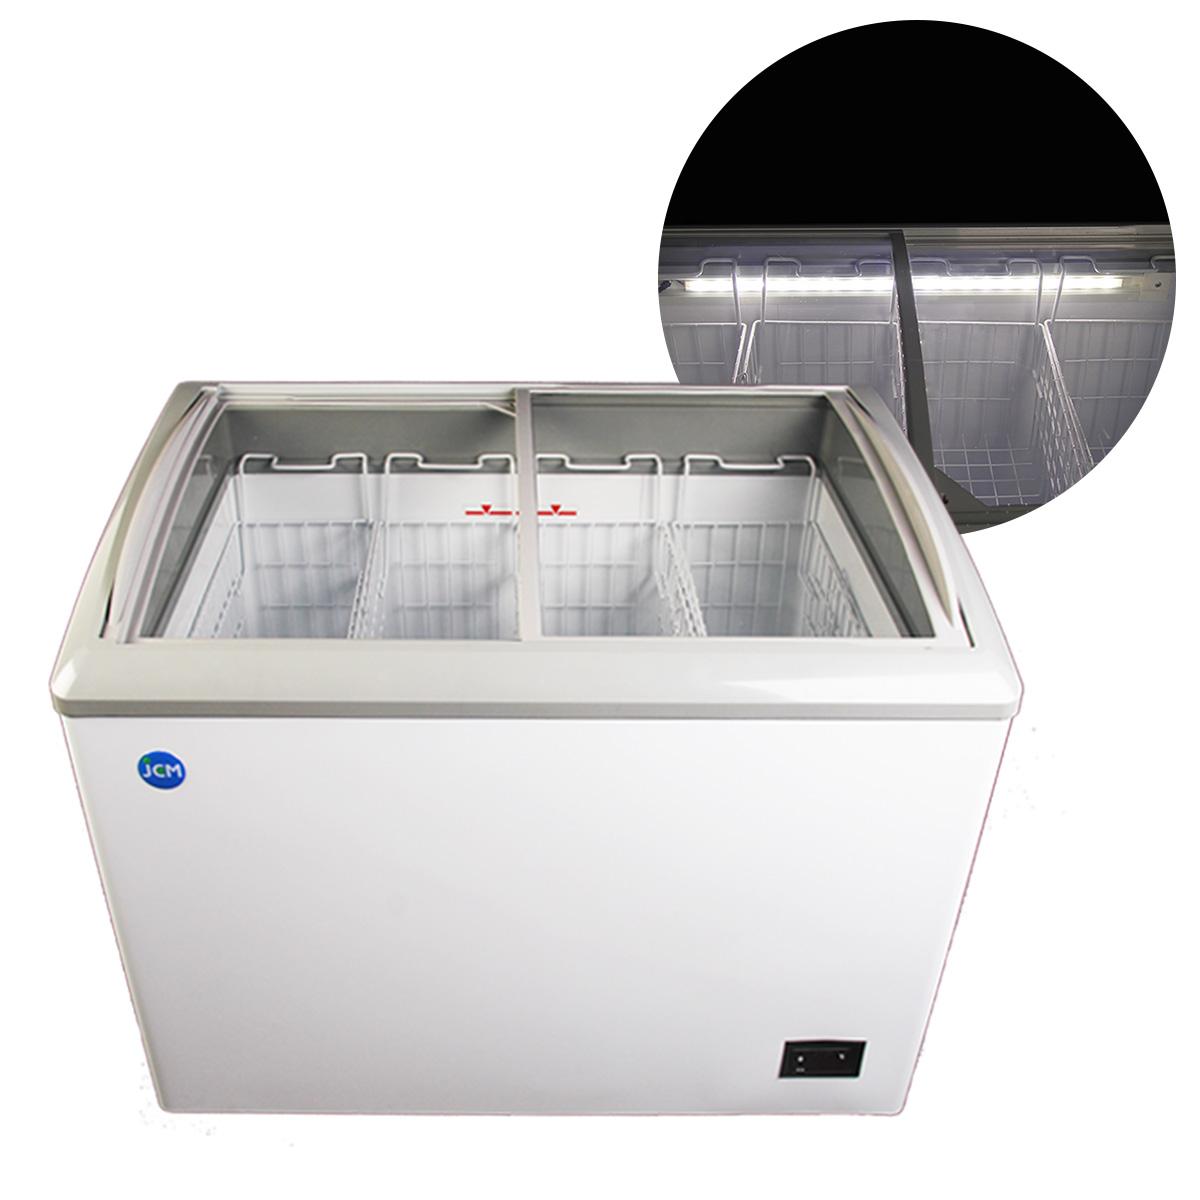 JCM 冷凍ショーケース 180L JCMCS-180L 業務用 冷凍 冷凍庫 保冷庫 ショーケース スライド LED照明付【代引不可】